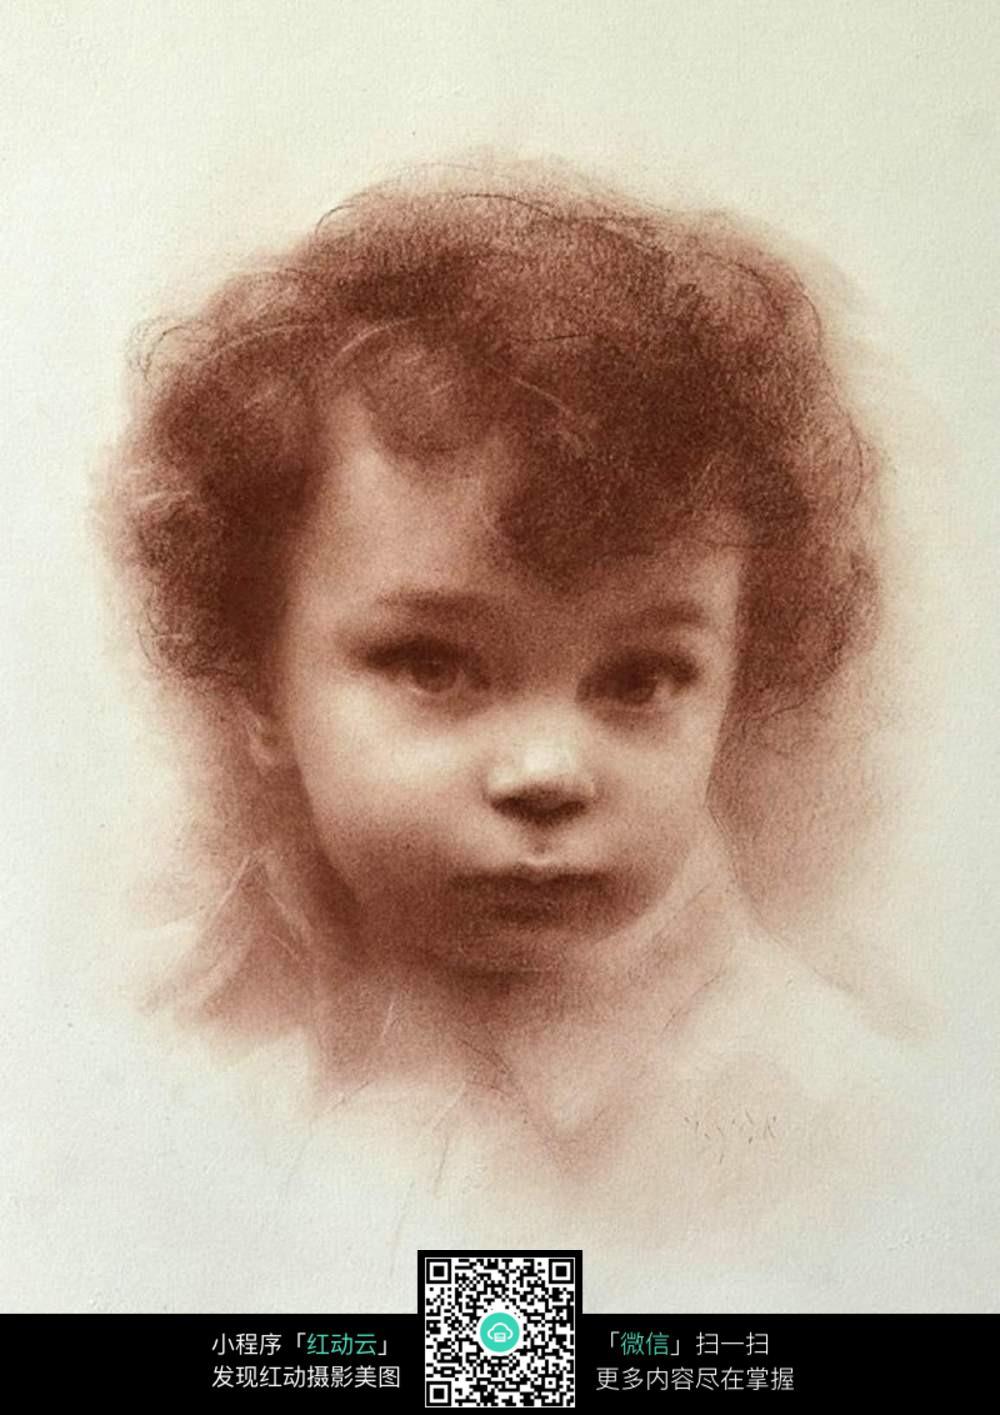 欧美小孩画像图片图片